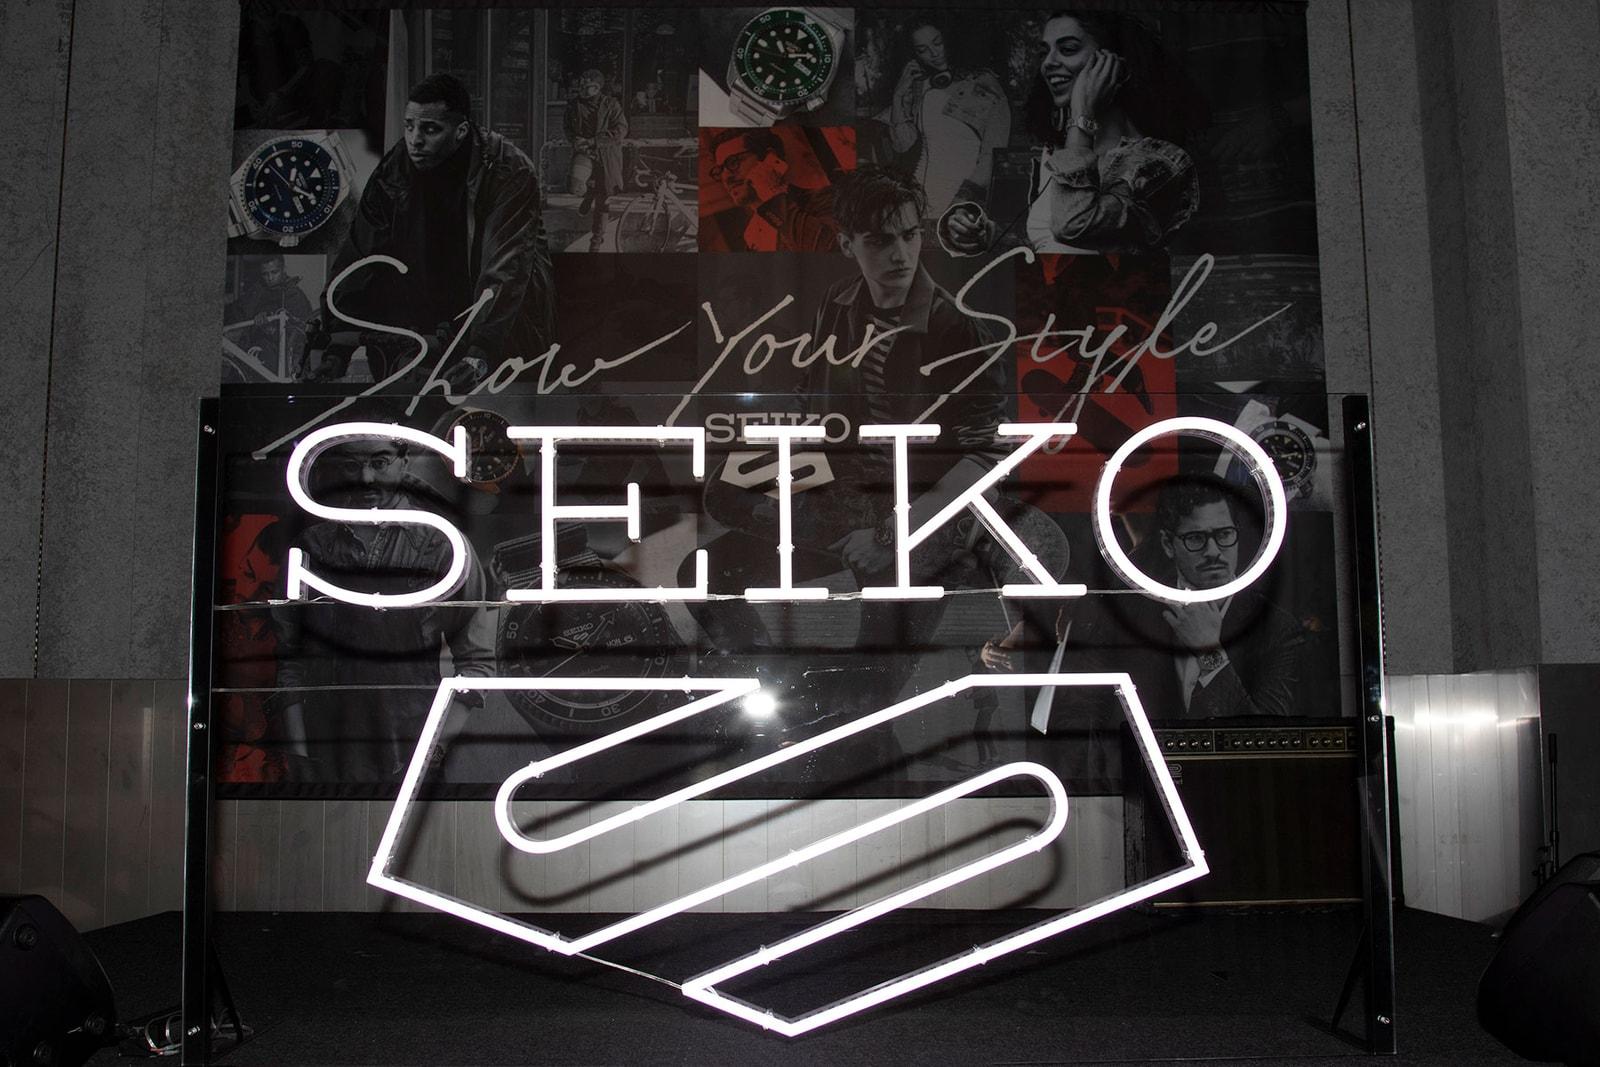 Seiko セイコー エヴィセンスケートボード 5 Sports ファイブスポーツ パーティ